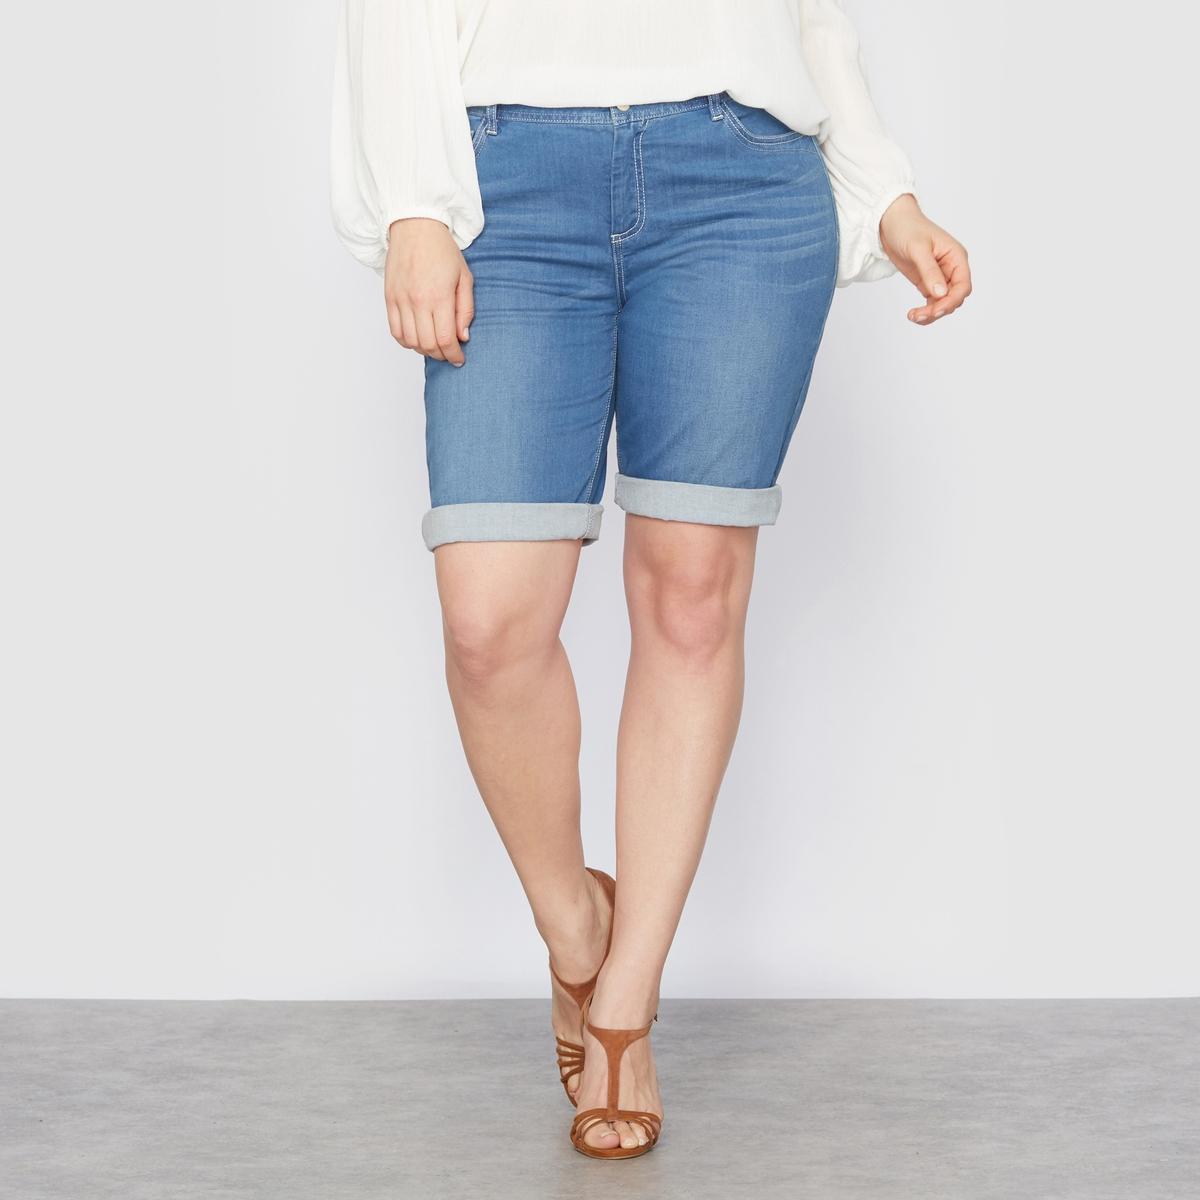 Бермуды из денимаДжинсовые бермуды. Незаменимая вещь в летнем гардеробе ! Длина идеально подходит женщинам с  формами. Отвороты по низу позволяют регулировать длину. Застежка на молнию и металлическую пуговицу. 5 карманов. Эластичный деним,  98% хлопка, 2% эластана. Длина по внутреннему шву 36 см.<br><br>Цвет: голубой потертый<br>Размер: 48 (FR) - 54 (RUS)